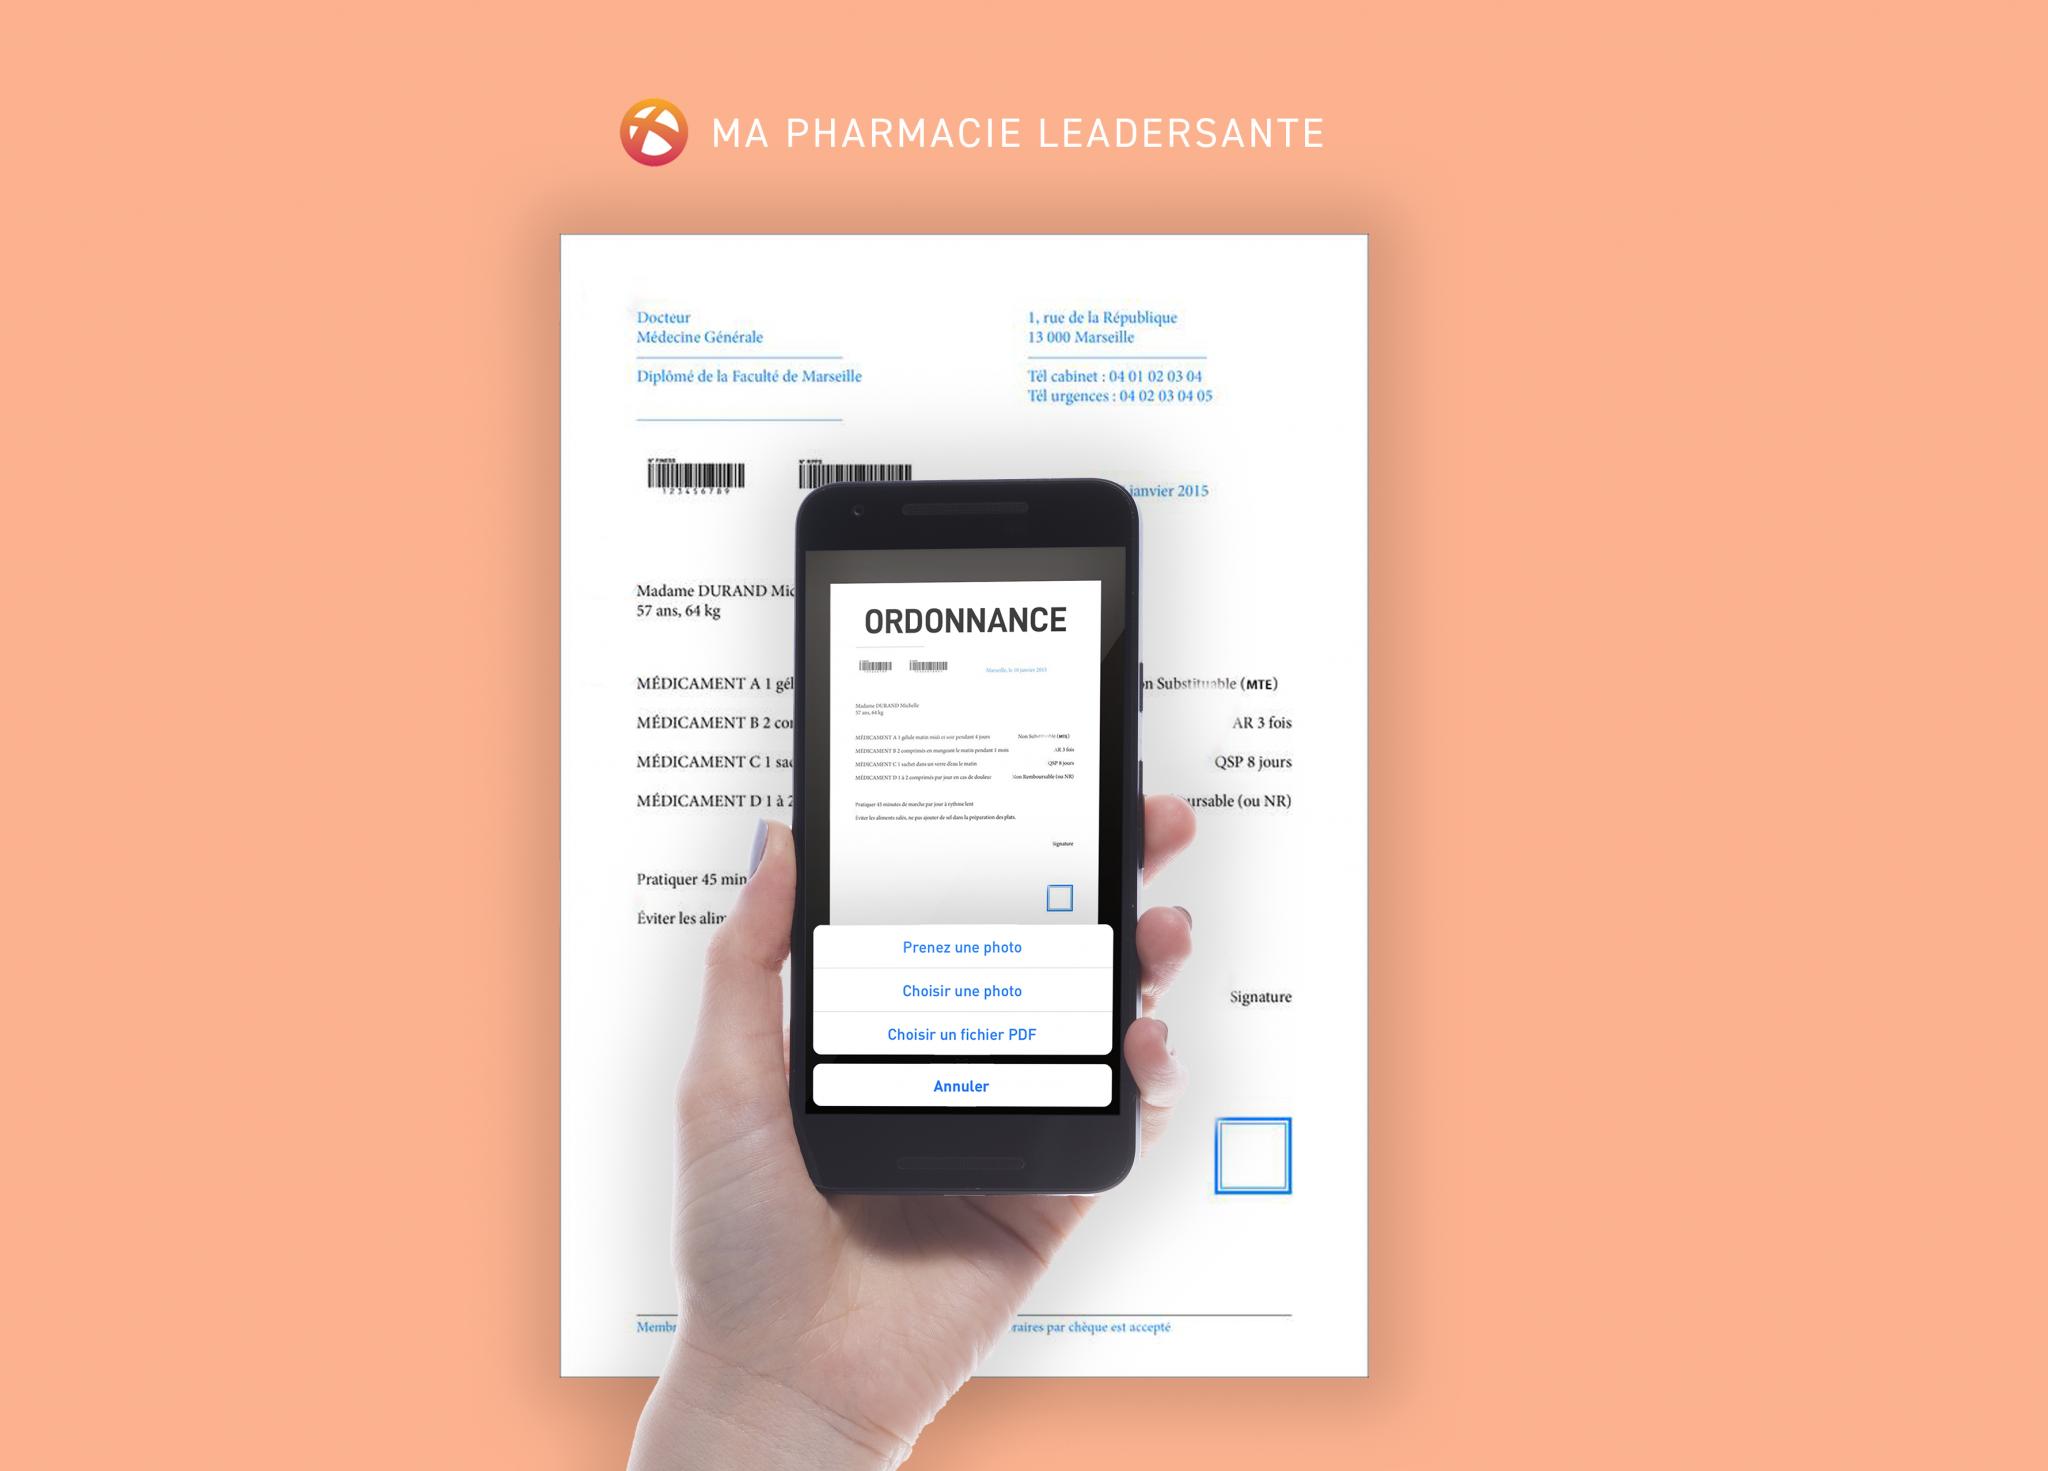 Ma pharmacie Leadersanté - Envoi d'ordonnance